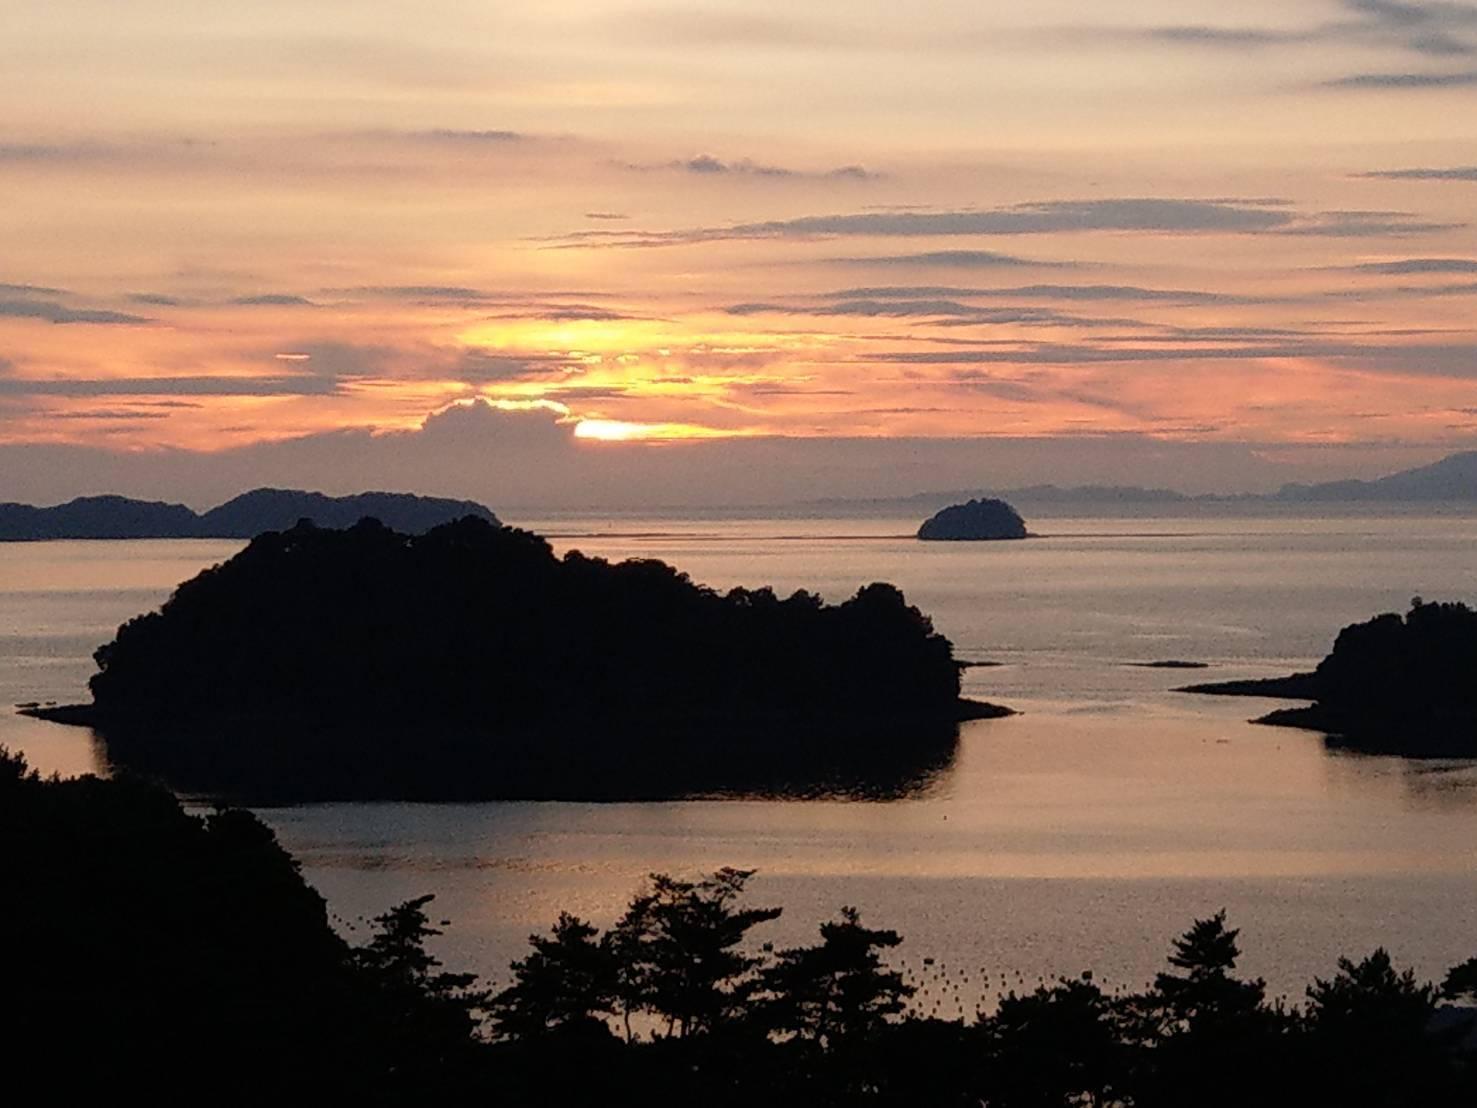 天草の夕陽と海に浮かぶ島のシルエット